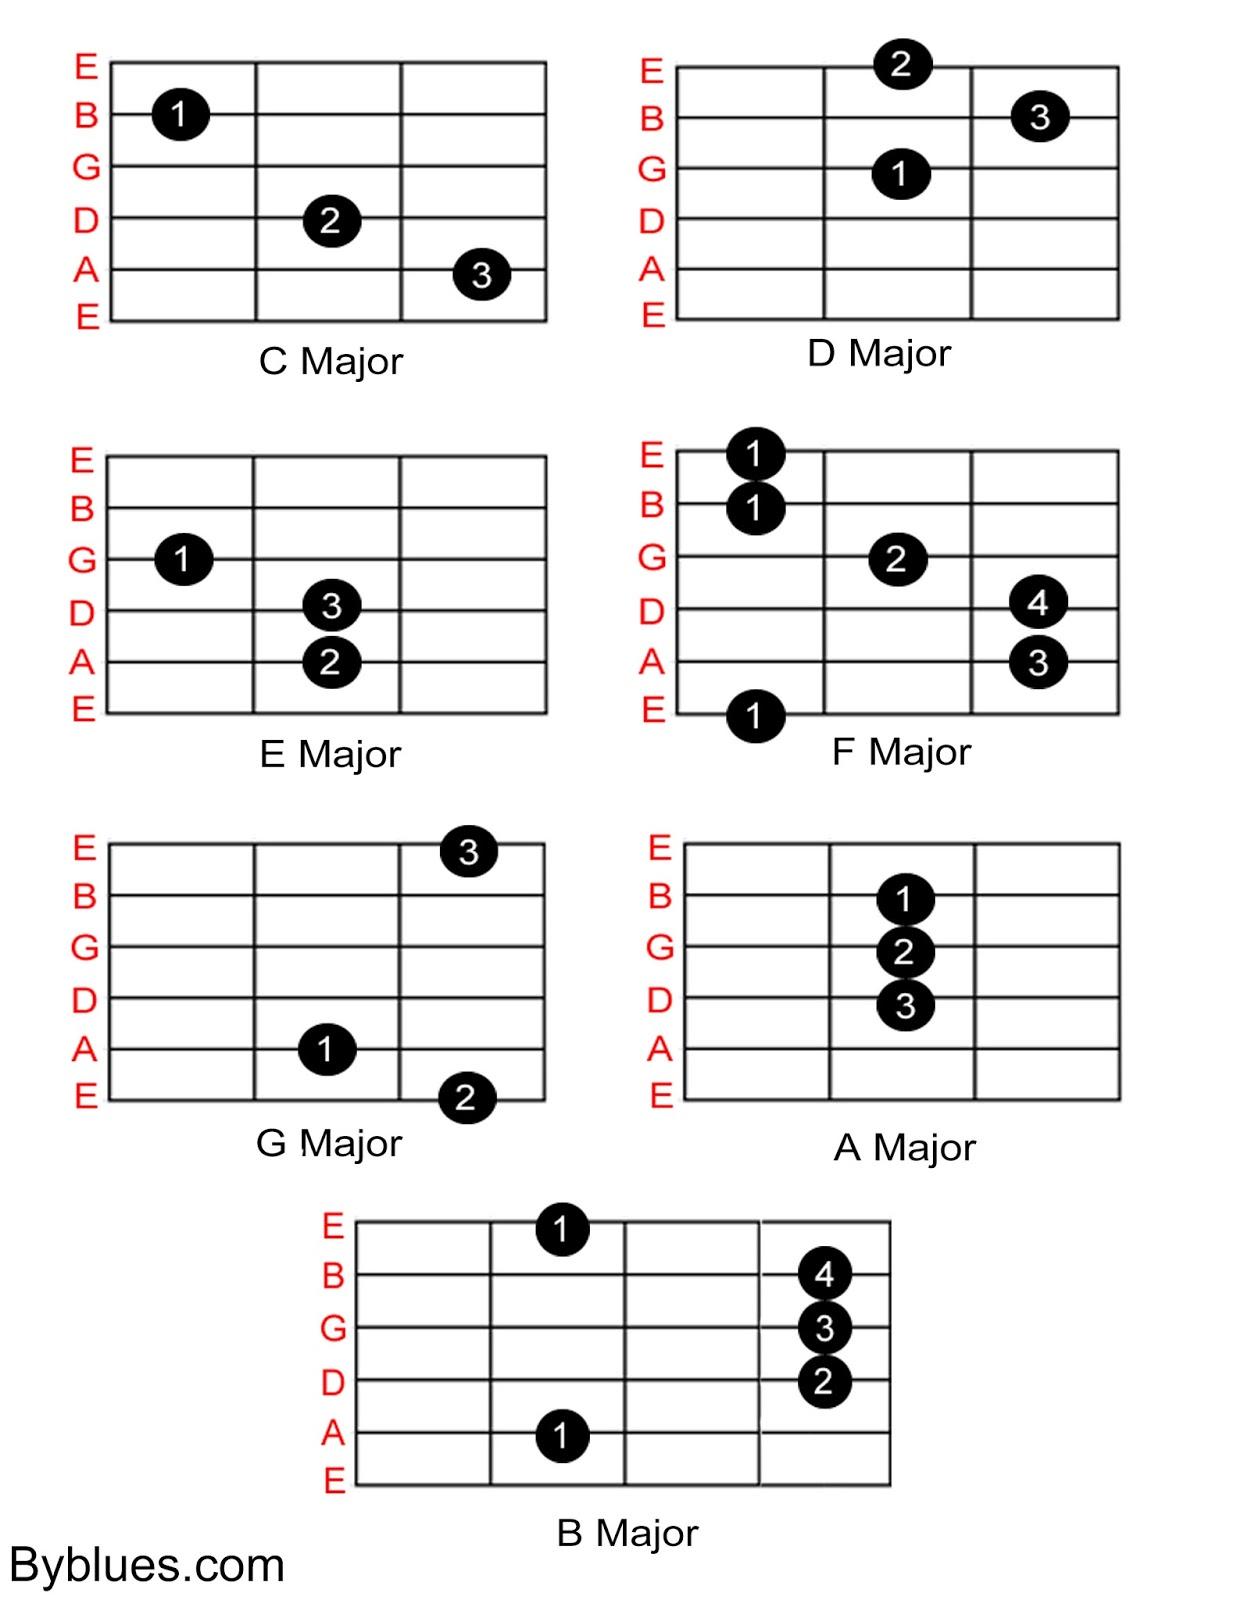 Cara Praktis Belajar Bermain Gitar Untuk Pemula Mulai Dari Nol